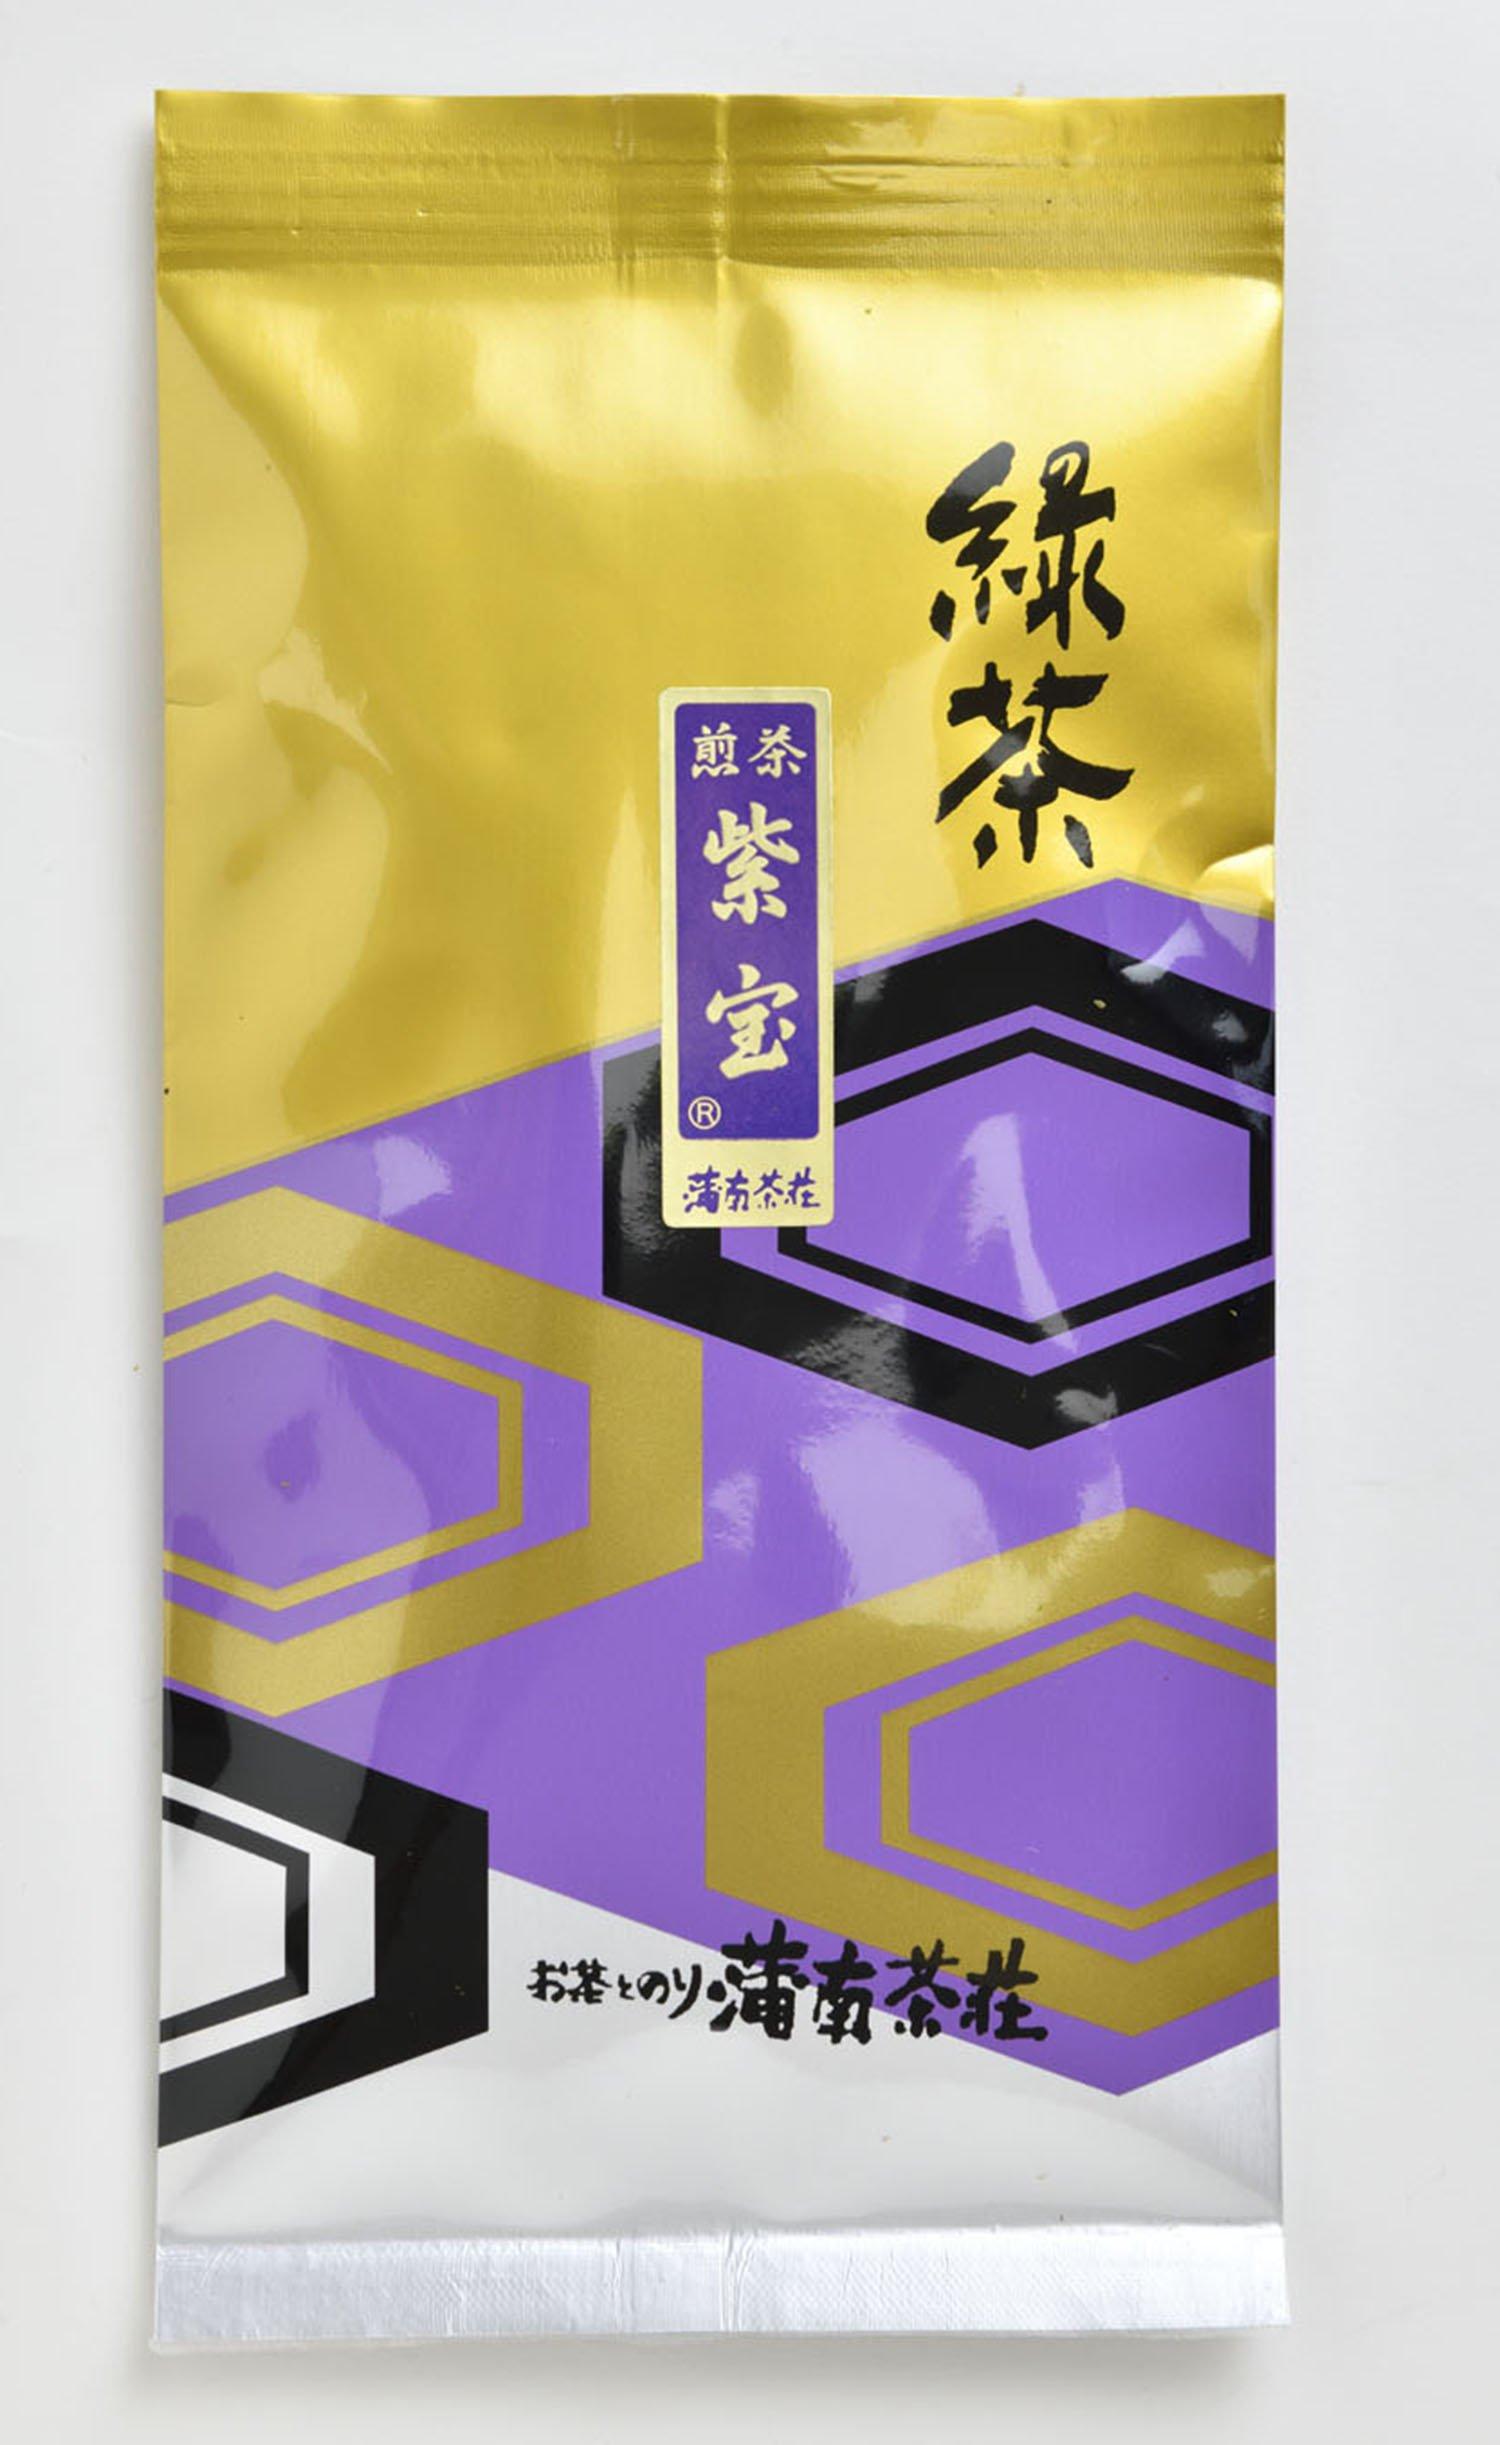 紫宝100g 1620円。店を代表する超深蒸し茶。